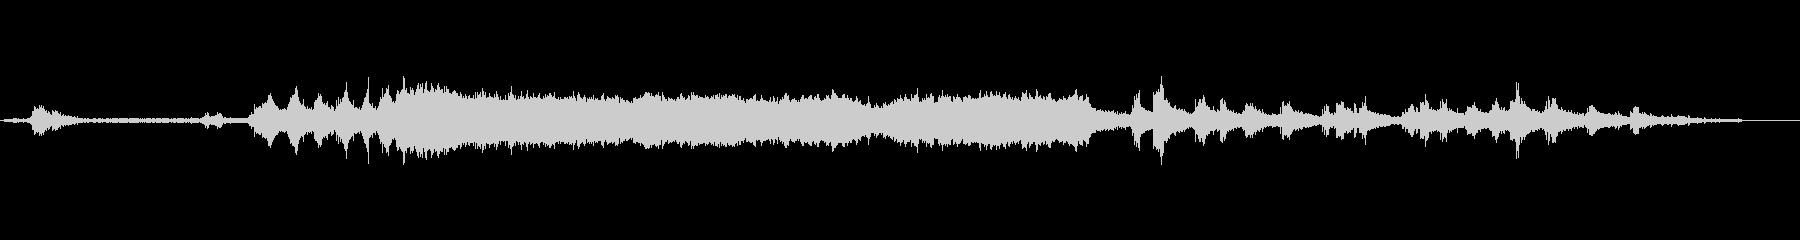 チェーンソーの開始、カット、停止、...の未再生の波形